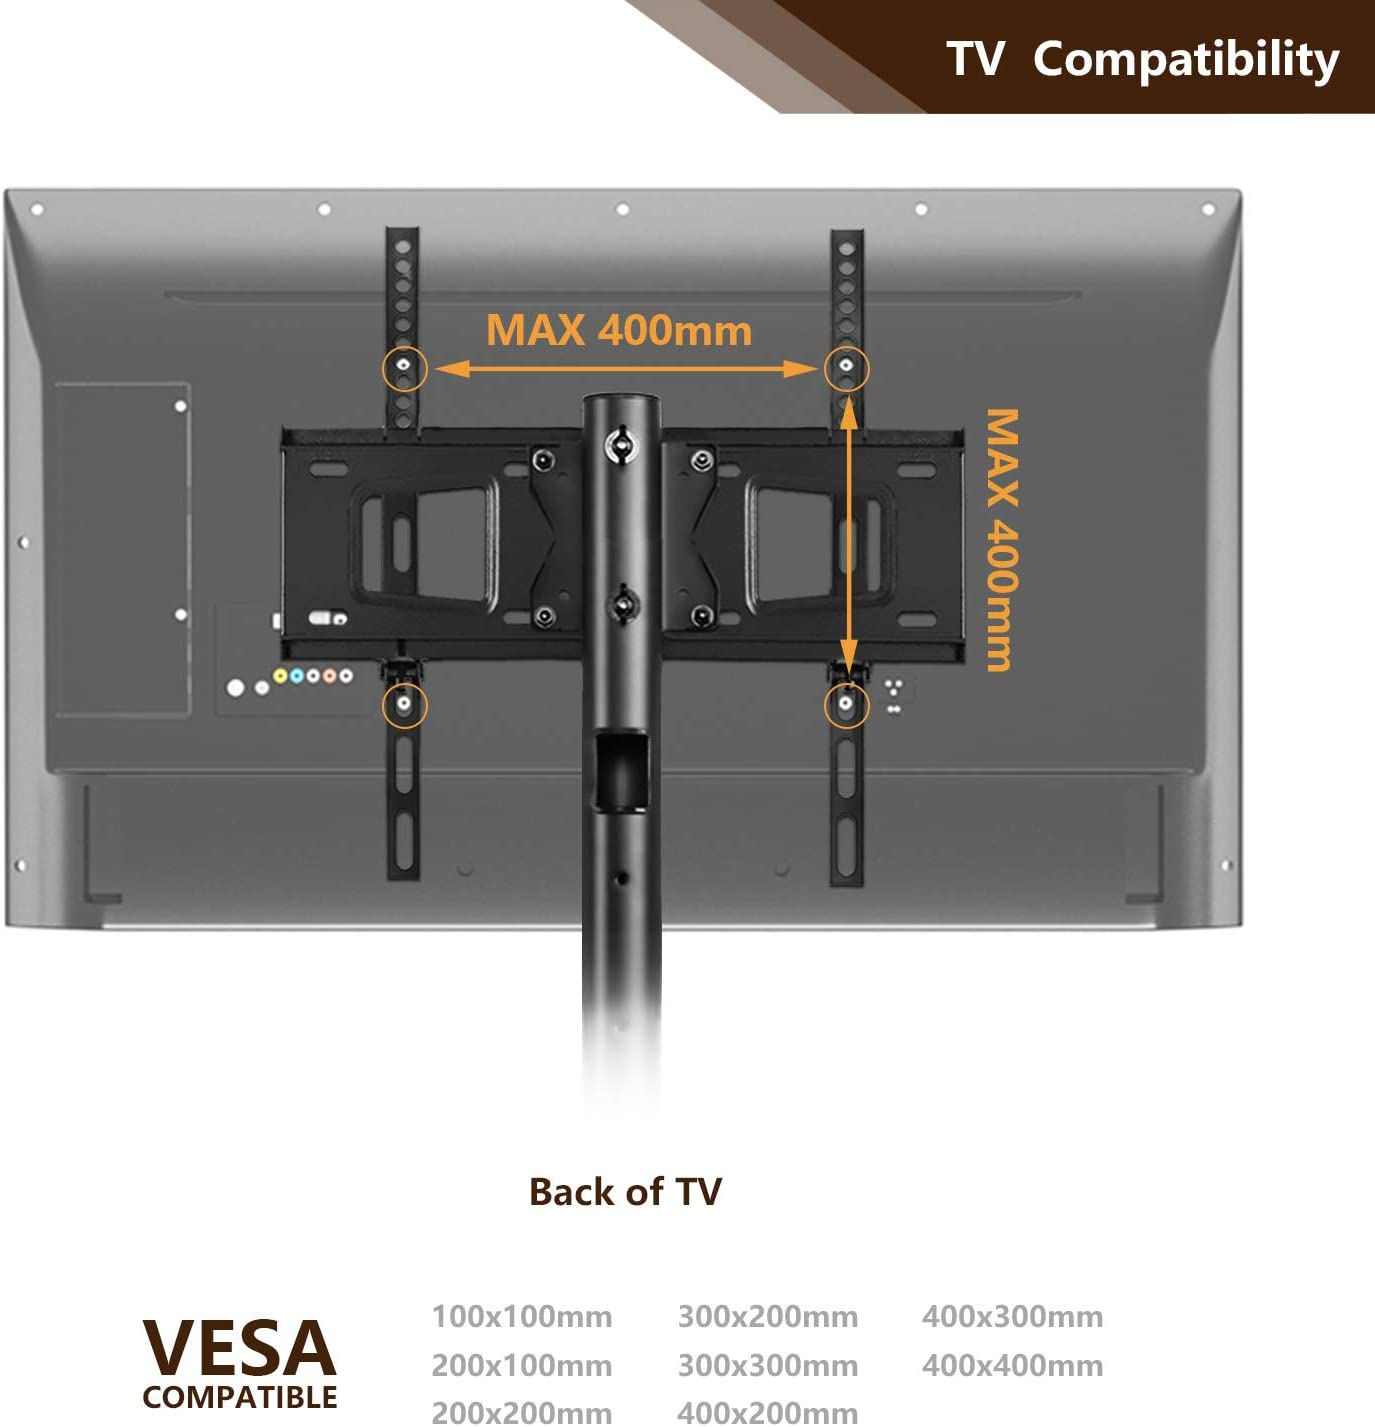 Soporte TV Ruedas Soporte TV movil para televisiones de pantalla plana o curvada de 32 a 55 pulgadas MAX VESA 400 x 400 mm